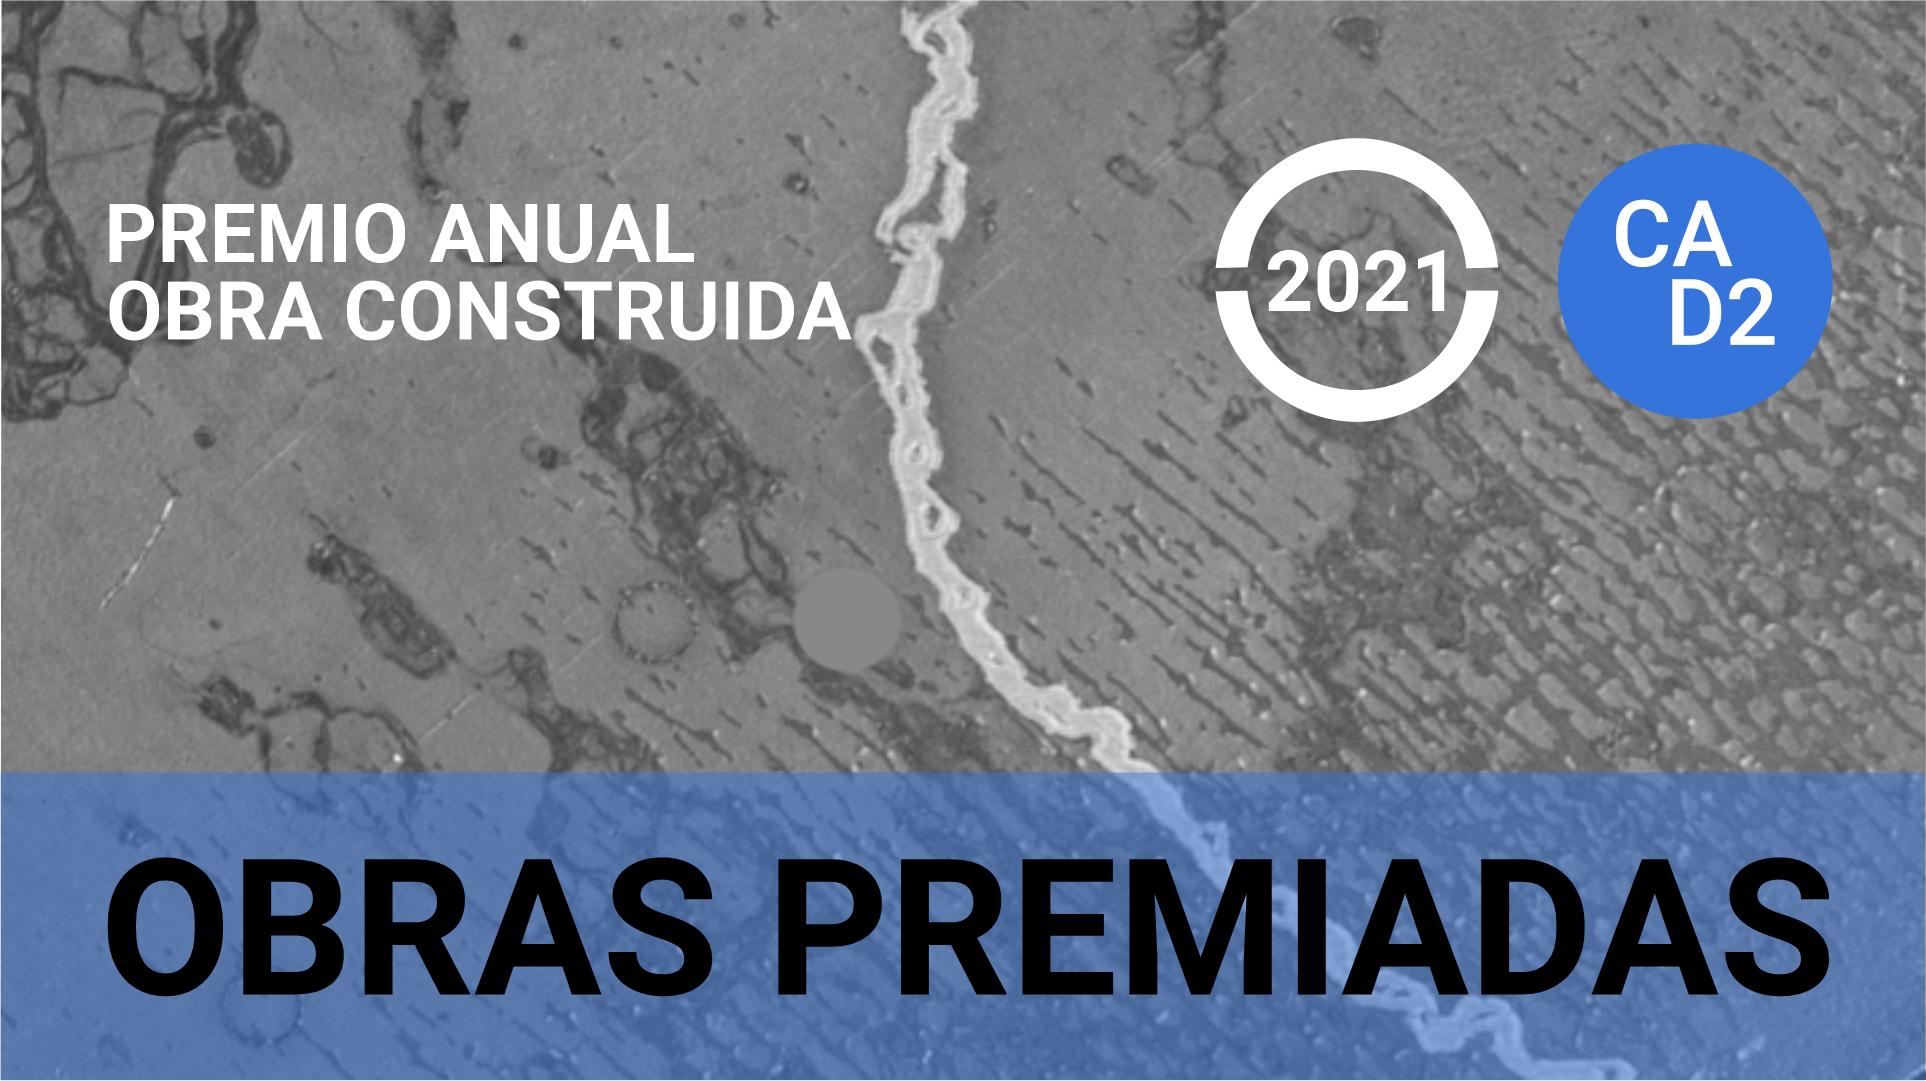 PREMIO ANUAL DE OBRA CONSTRUIDA 2021 CAD2